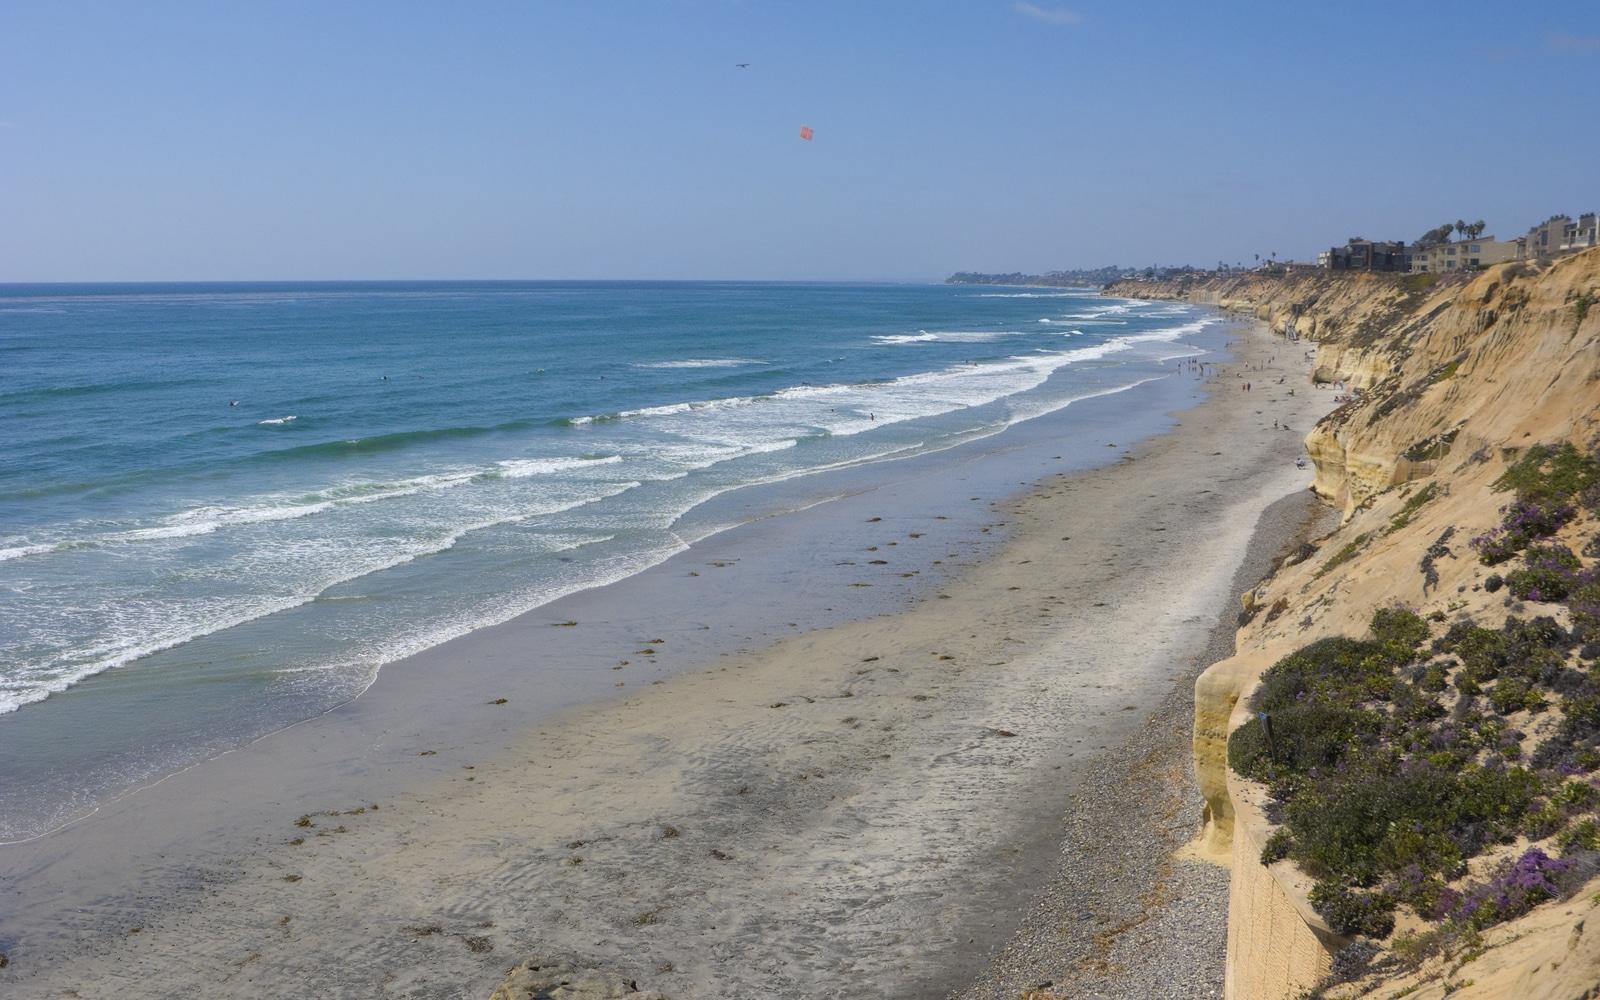 San Diego beaches: Solana Beach